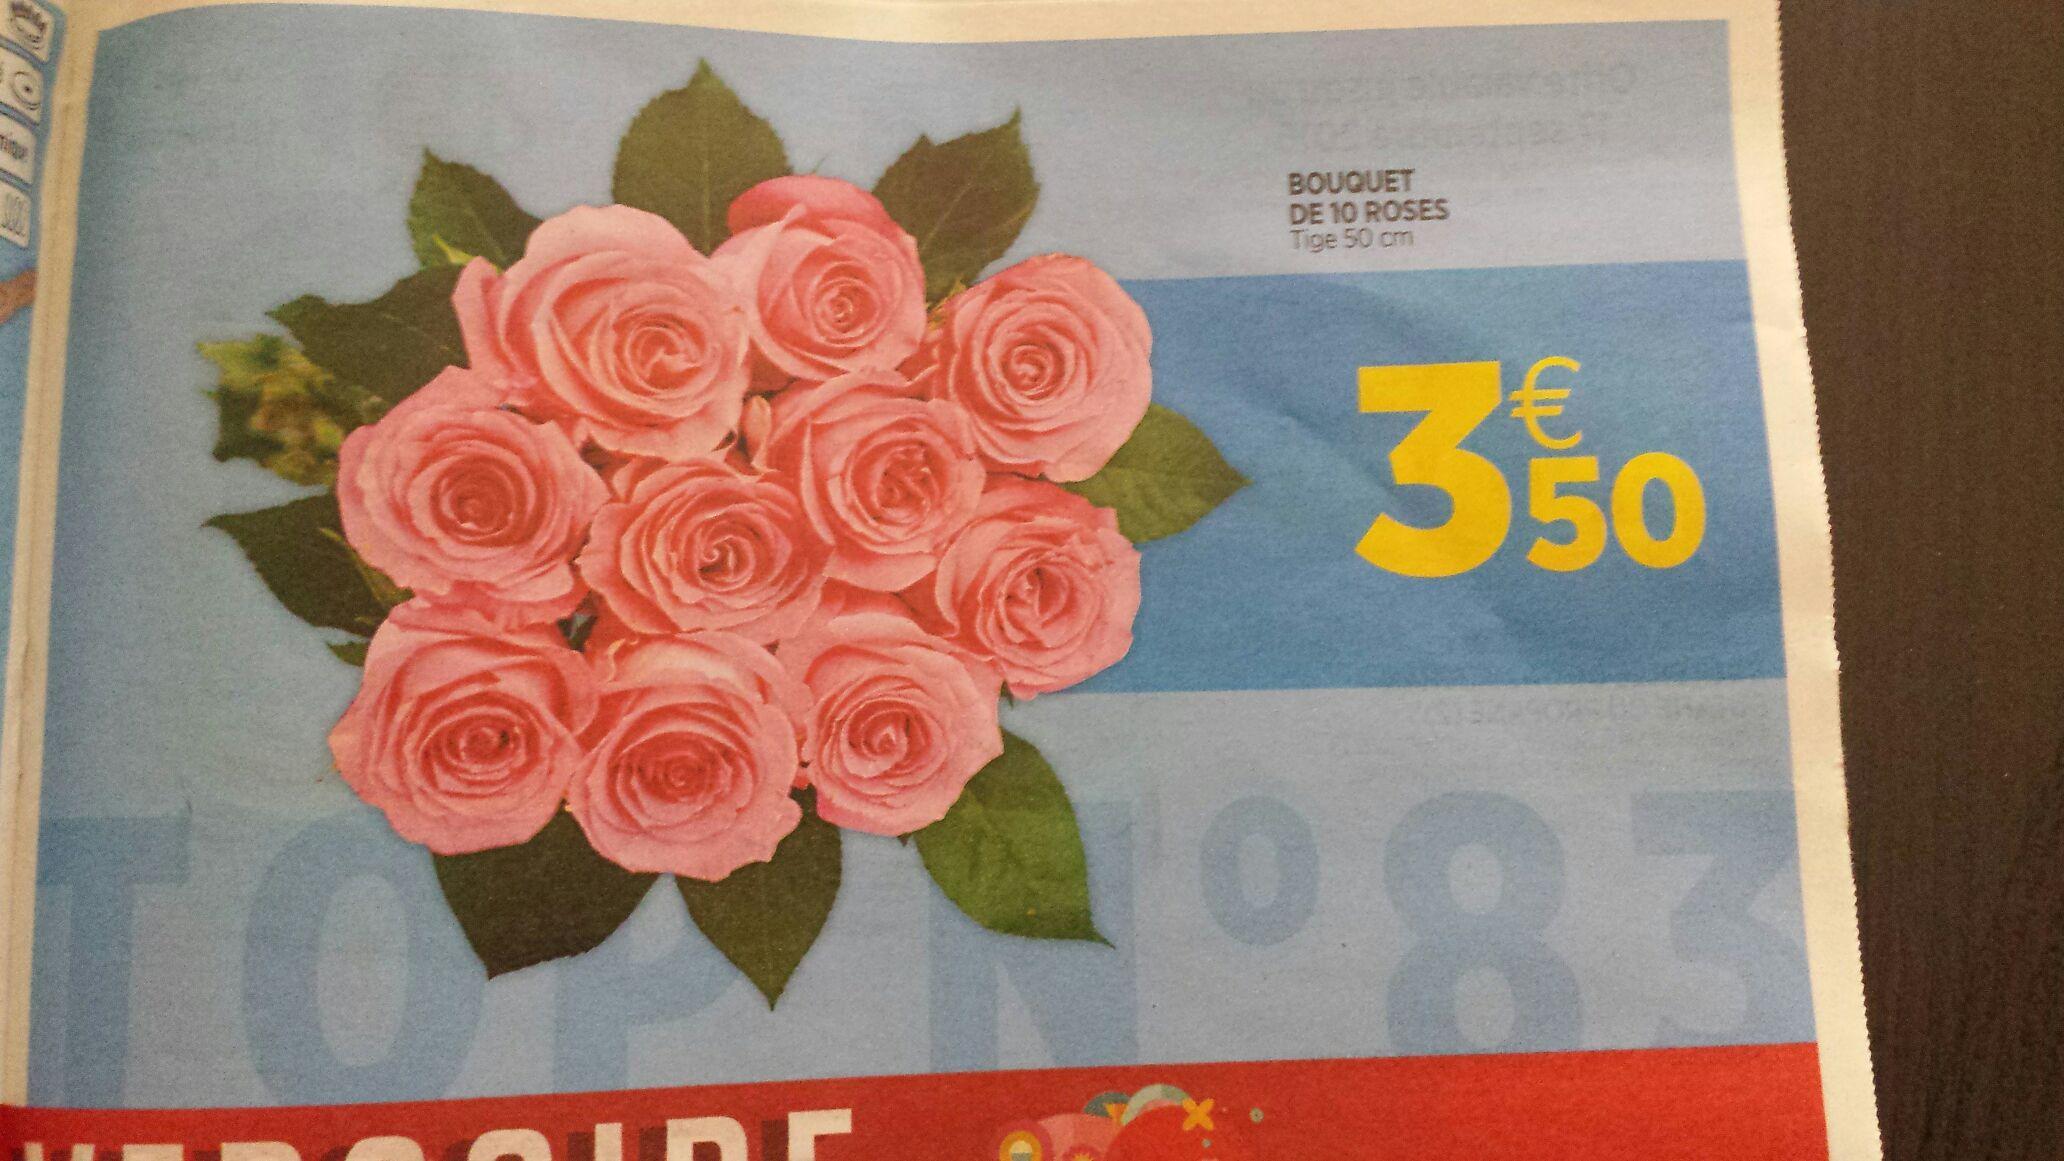 Bouquet de 10 roses (Tige 50cm)